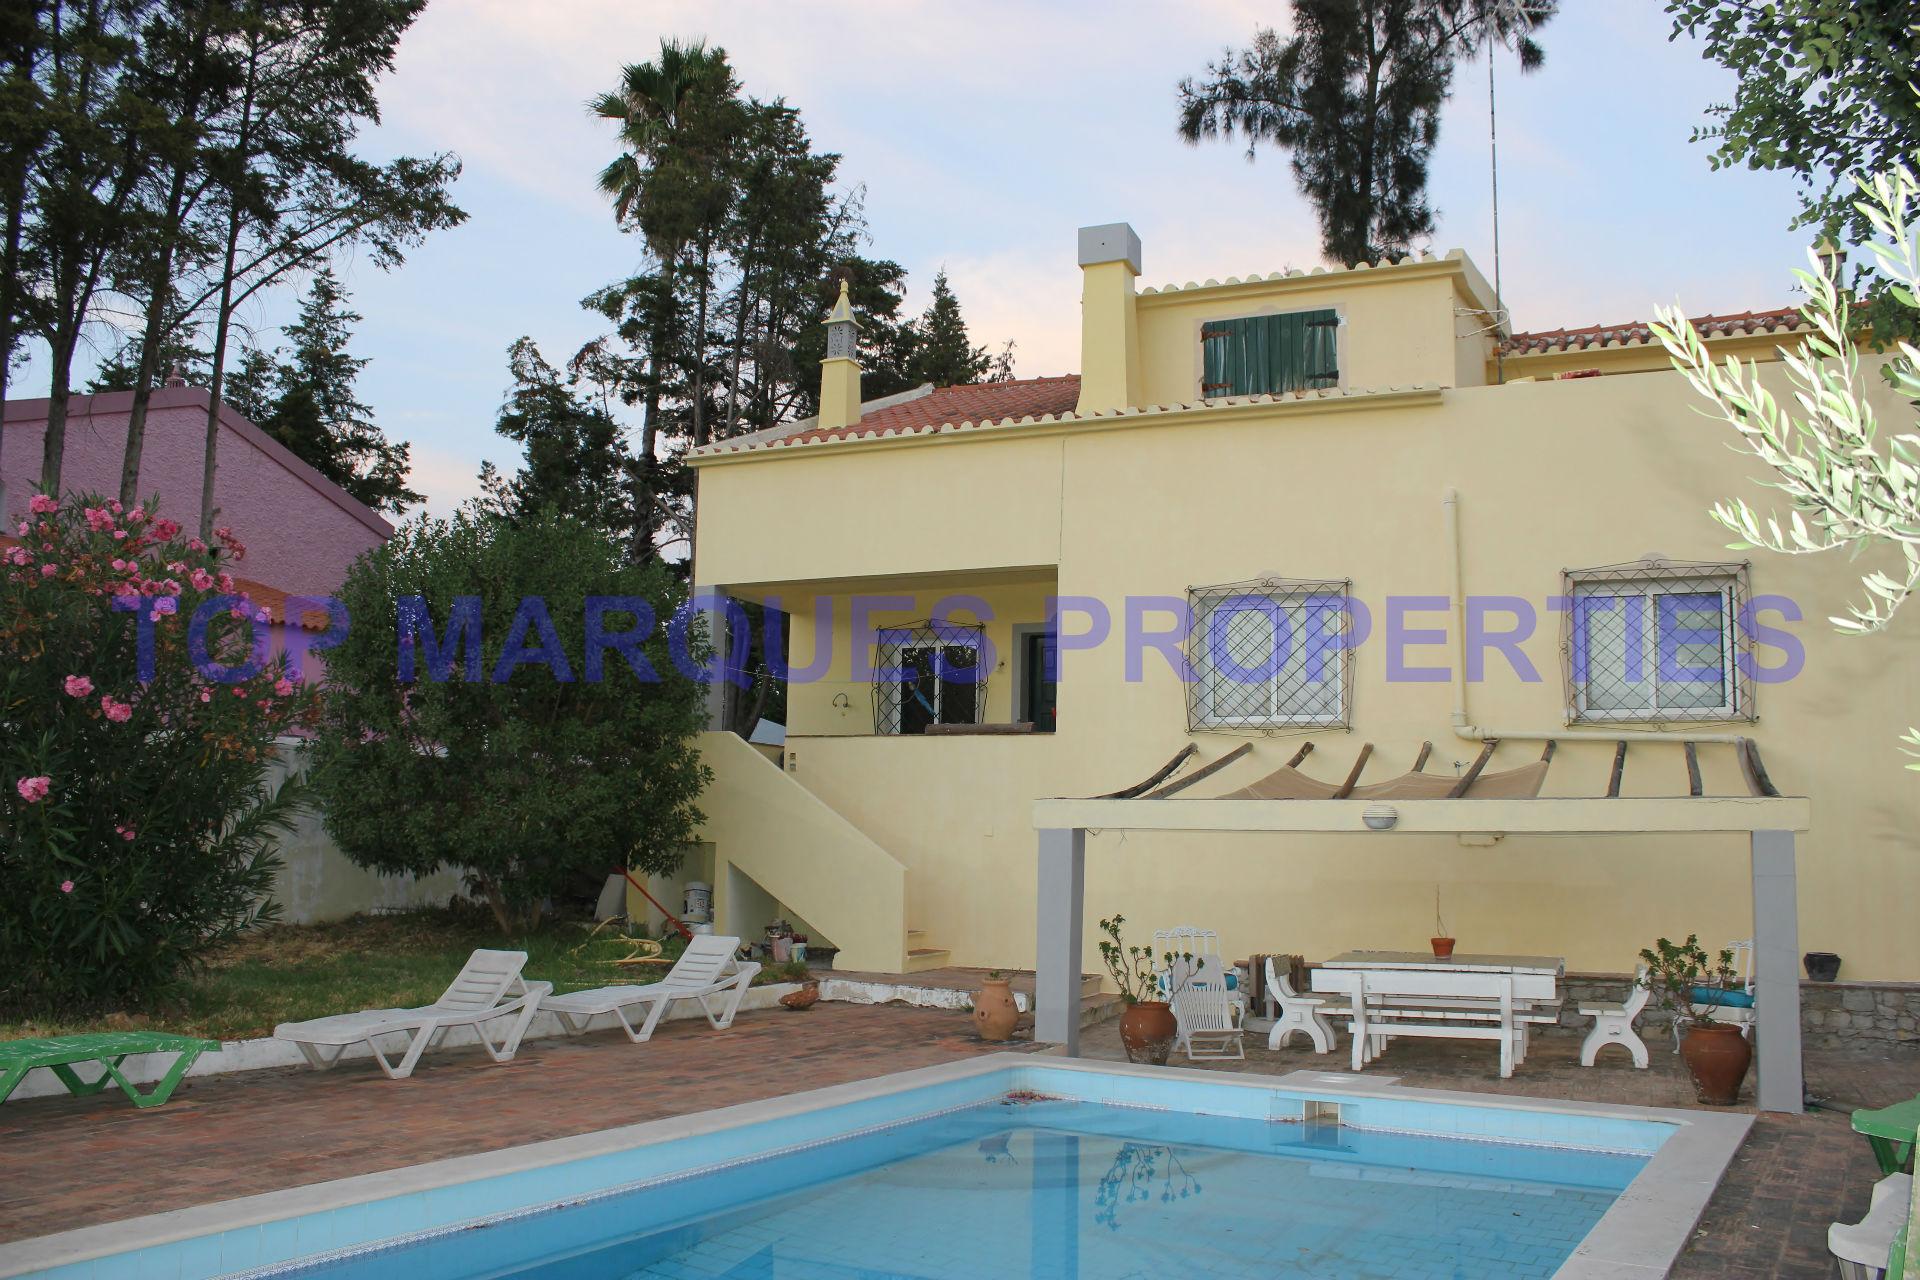 Moradia de 2 pisos situada junto ao centro de S. Brás de Alportel com piscina e jardim